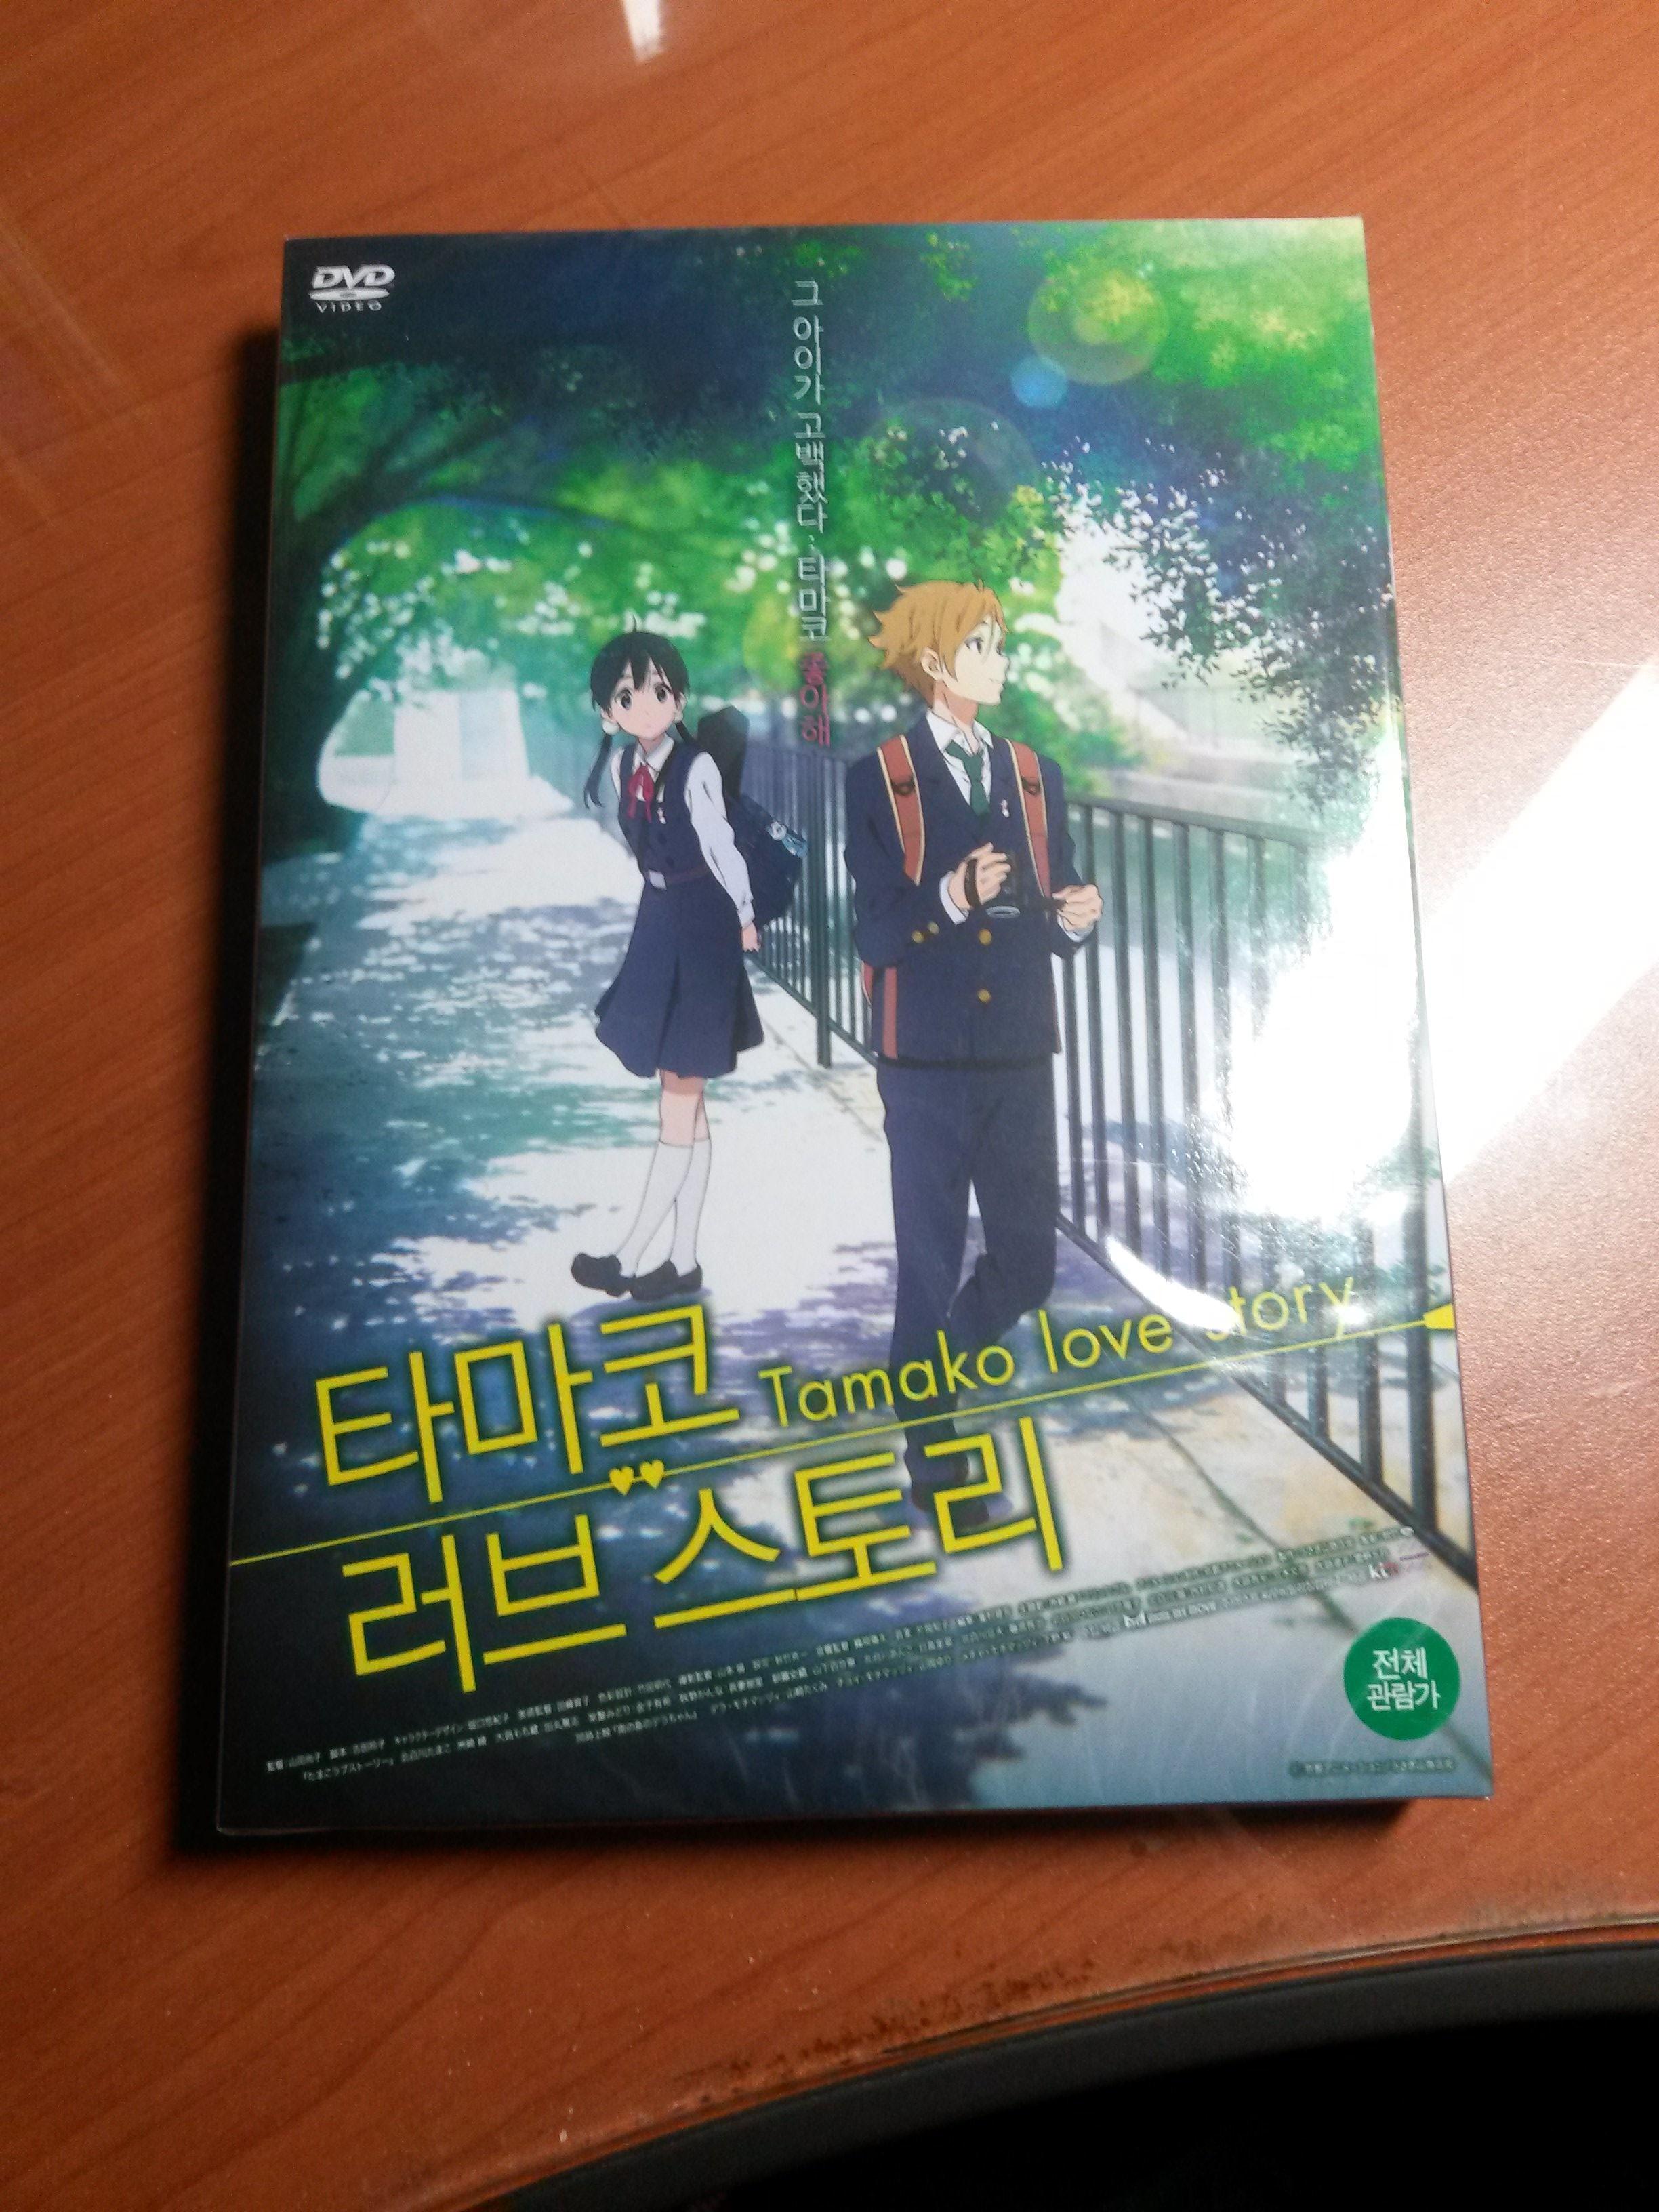 정말 뒤늦게 타마코 러브 스토리 DVD 샀습니다.